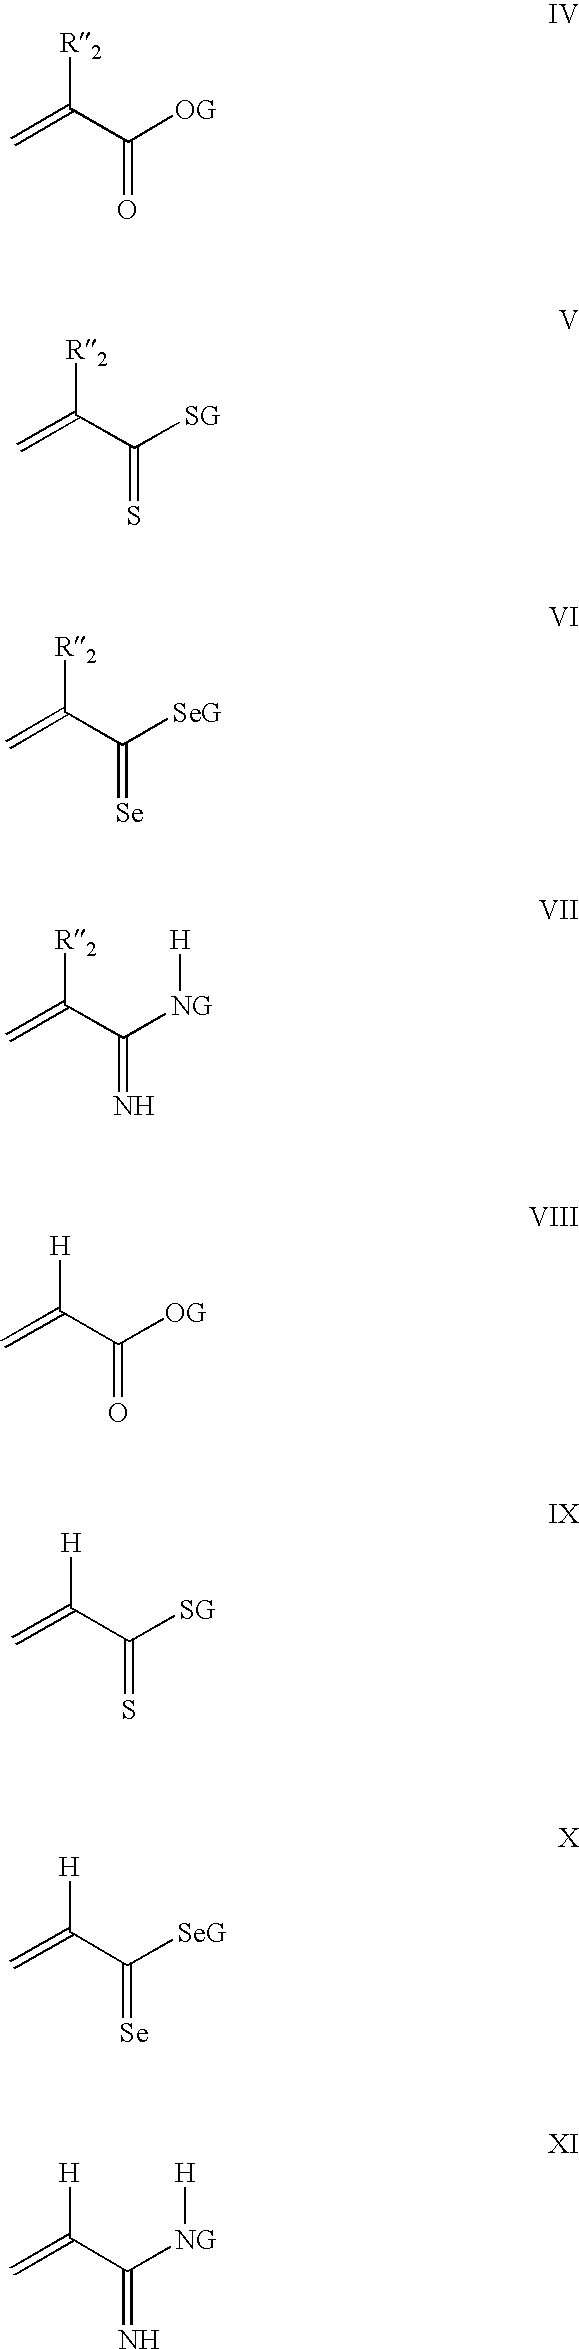 Figure US07671095-20100302-C00014